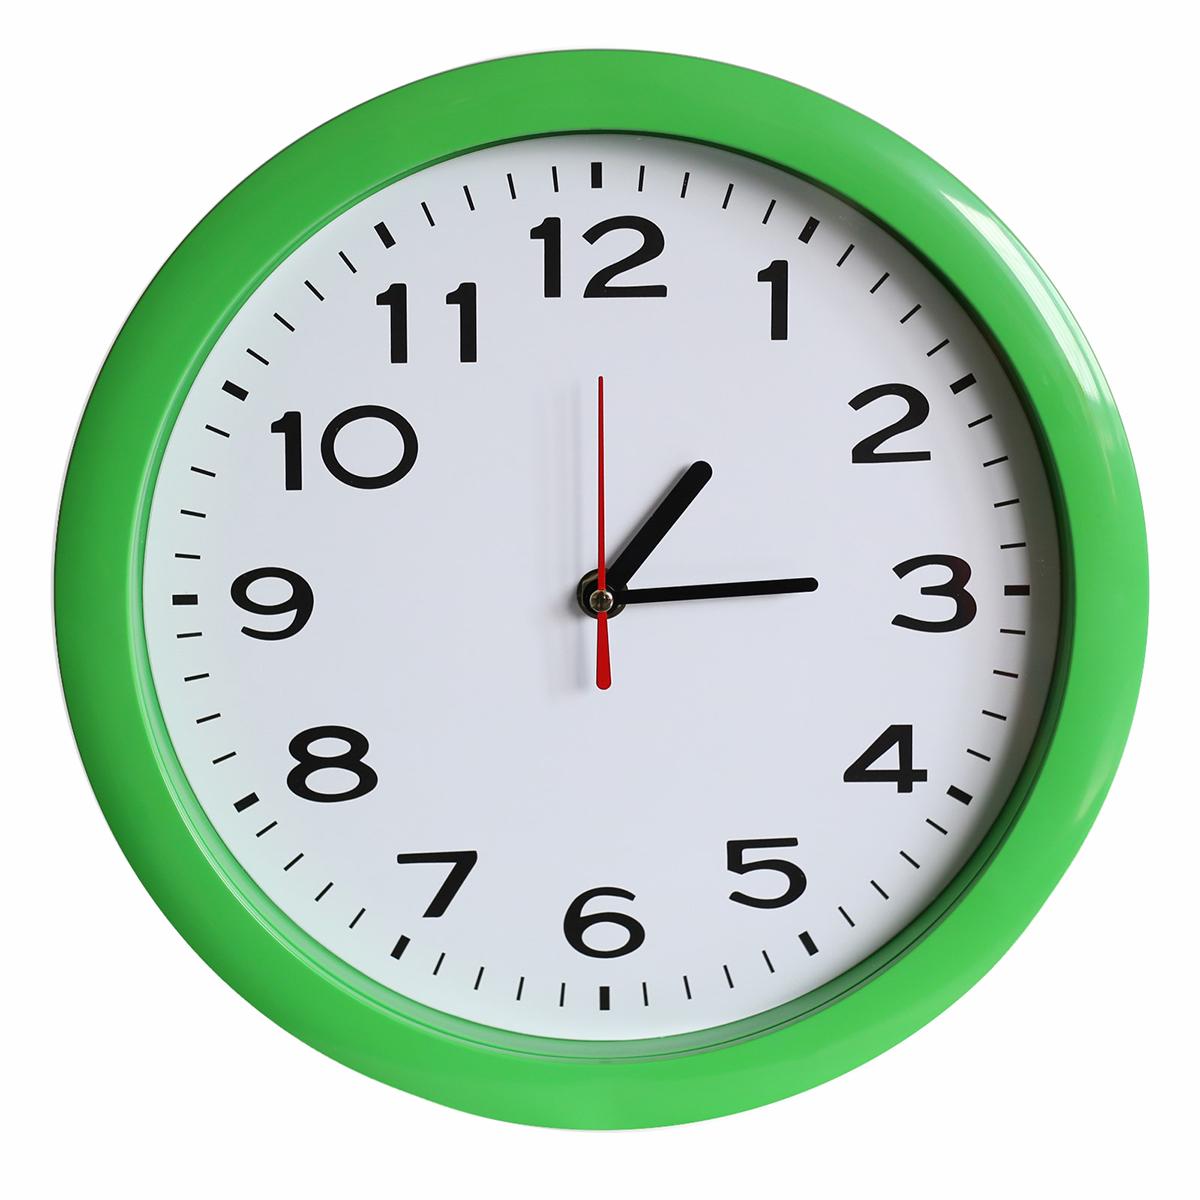 Часы настенные Соломон Классика, цвет: зеленый2436373Каждому хозяину периодически приходит мысль обновить свою квартиру, сделать ремонт, перестановку или кардинально поменять внешний вид каждой комнаты. — привлекательная деталь, которая поможет воплотить вашу интерьерную идею, создать неповторимую атмосферу в вашем доме. Окружите себя приятными мелочами, пусть они радуют глаз и дарят гармонию.Настенные часы пластик Классика, зелёный обод 2436373